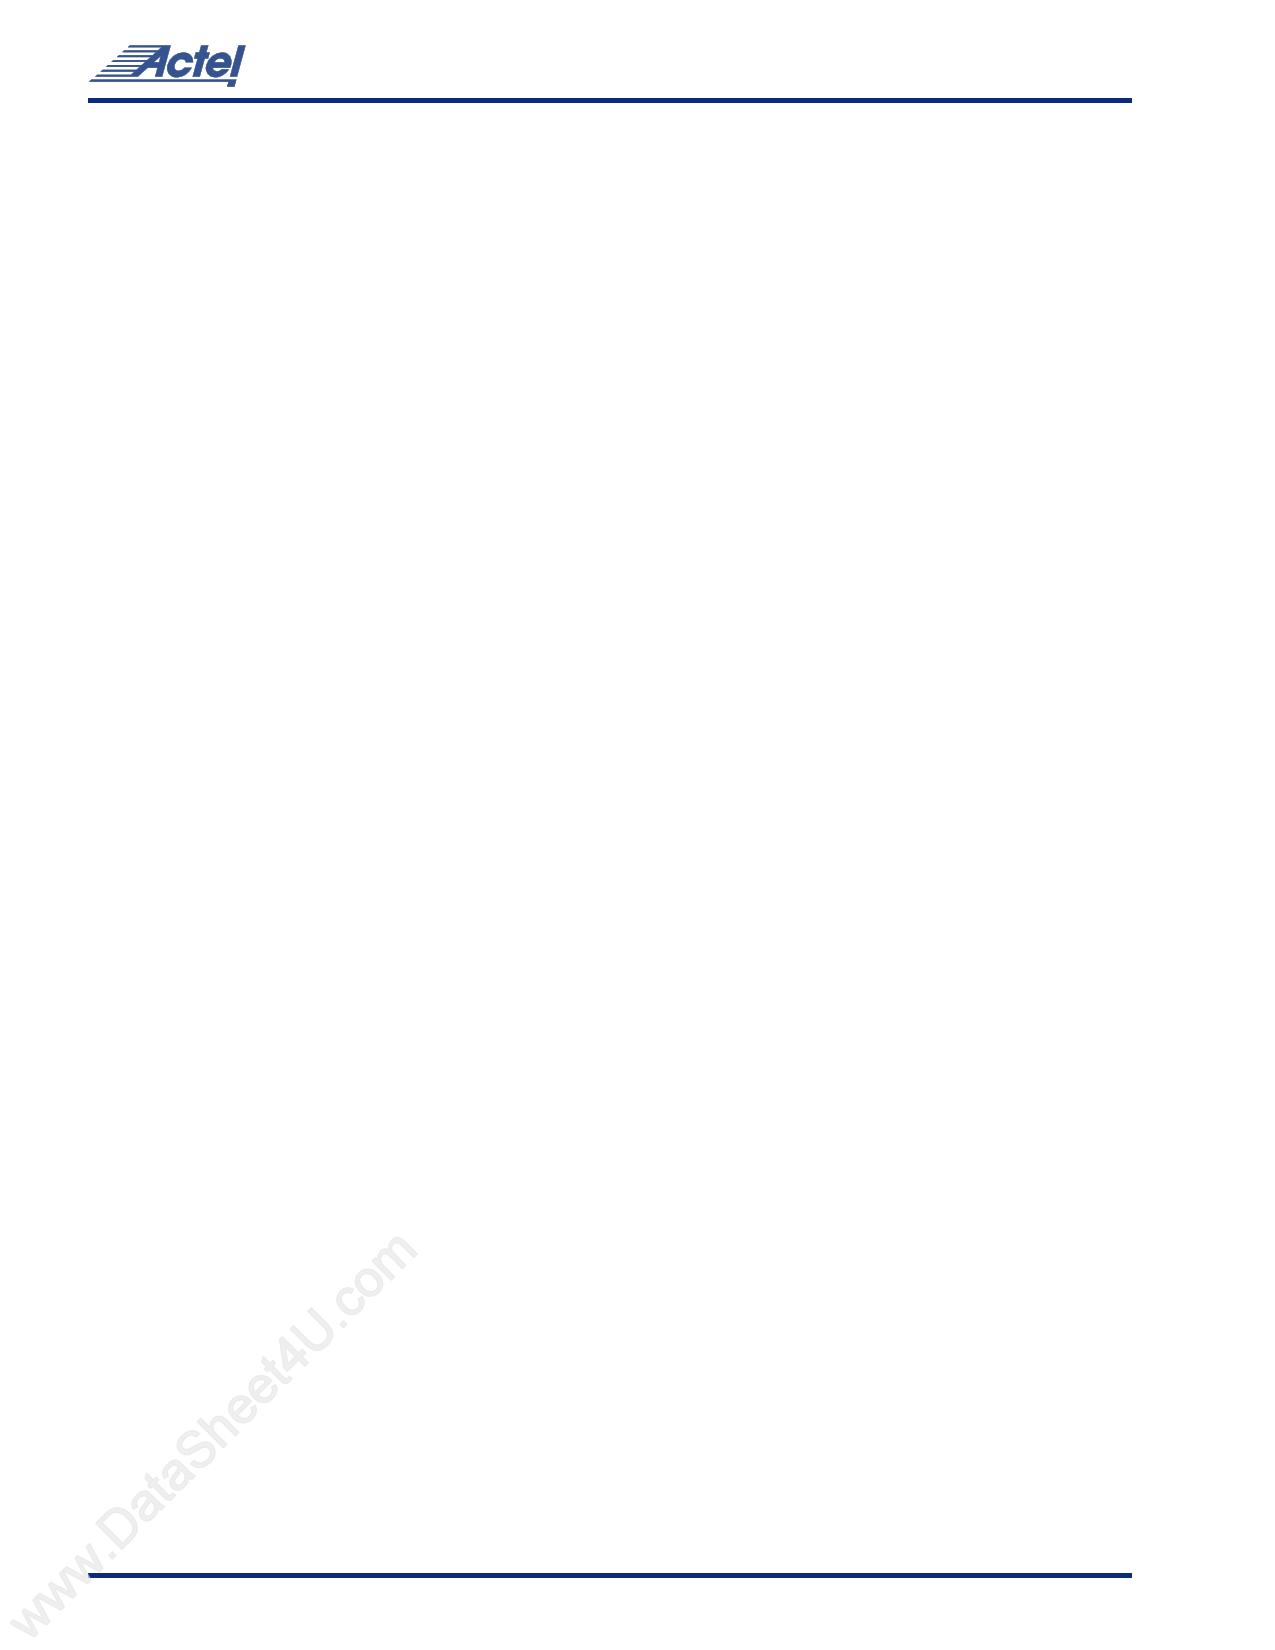 A1020B pdf, schematic